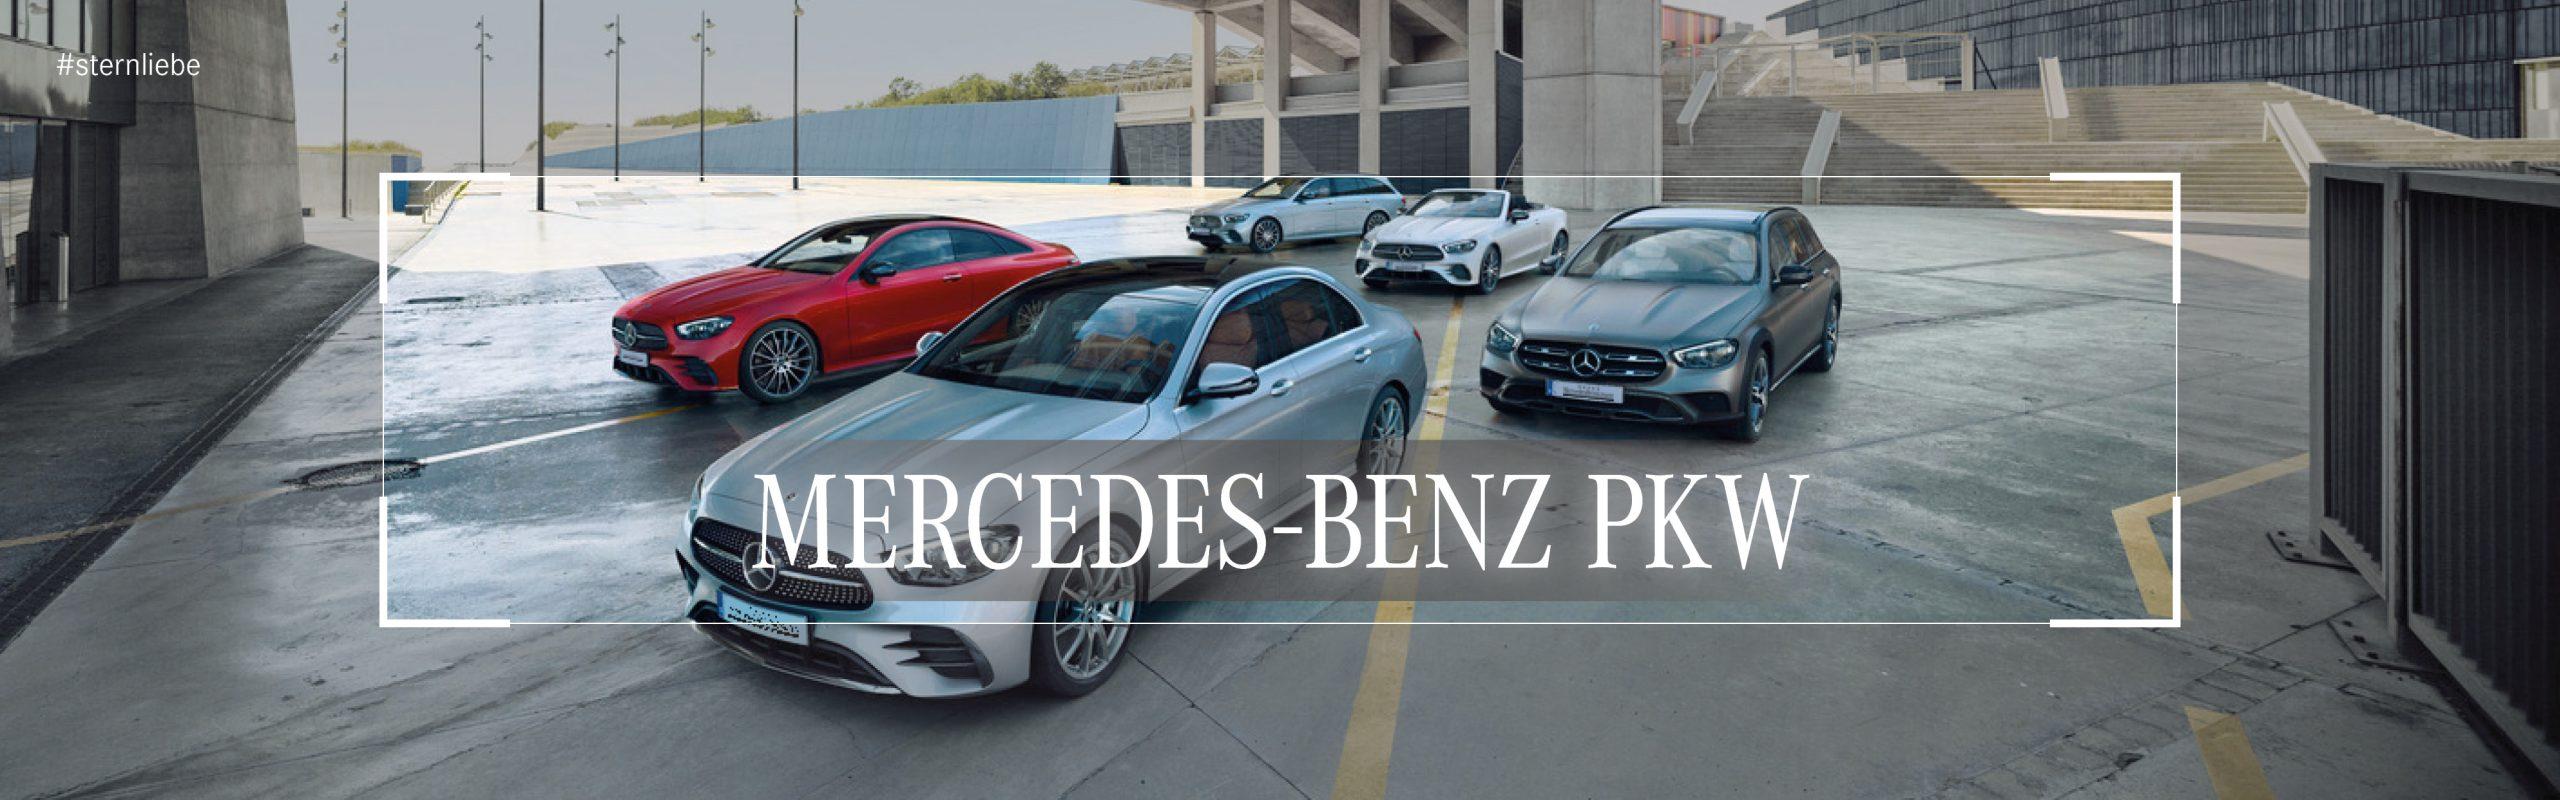 Banner-Mercedes-Benz-PKW_Neuwagen Gebrauchtwagen bei mercedes brinkmann